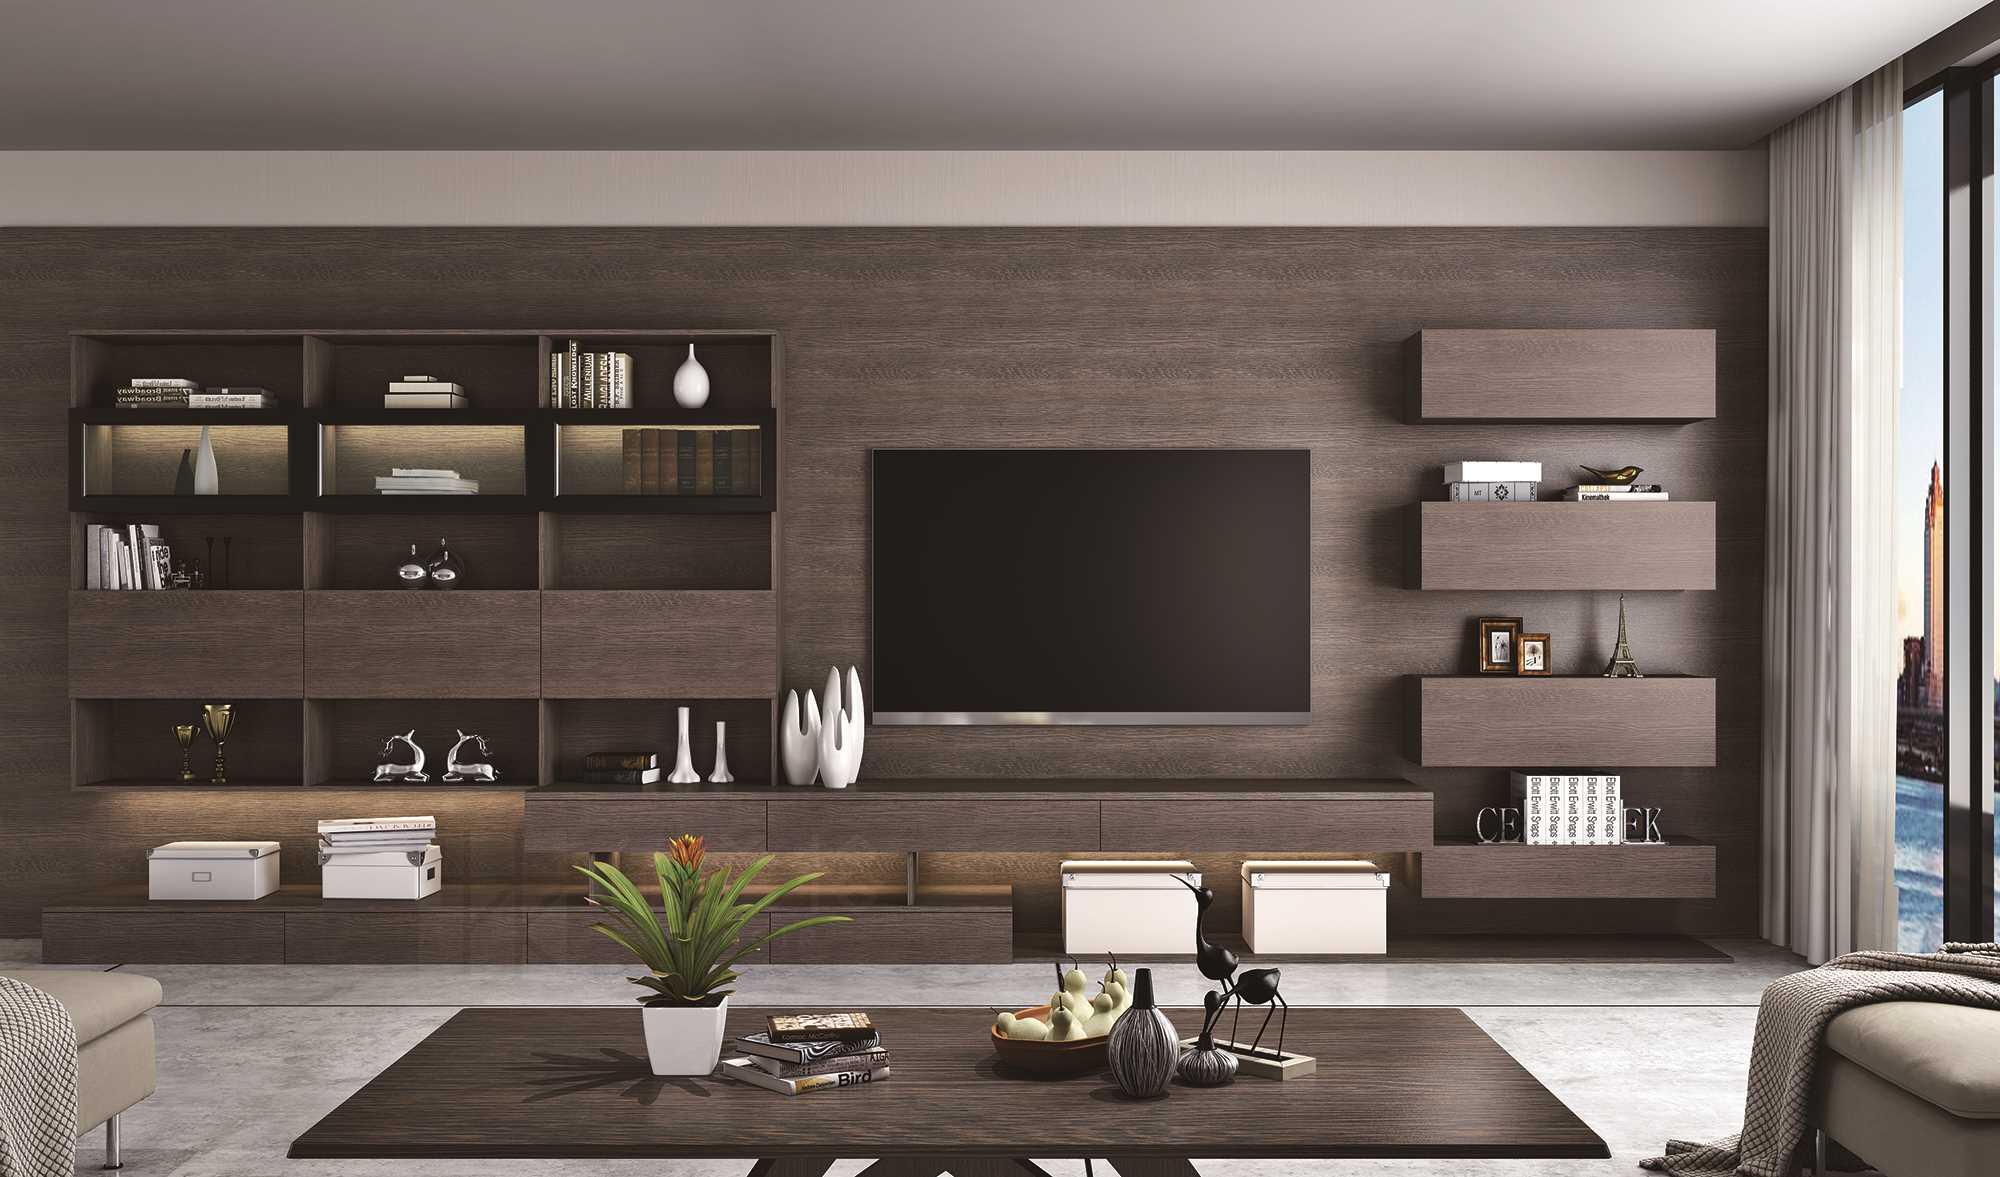 电视柜-1_6拷贝